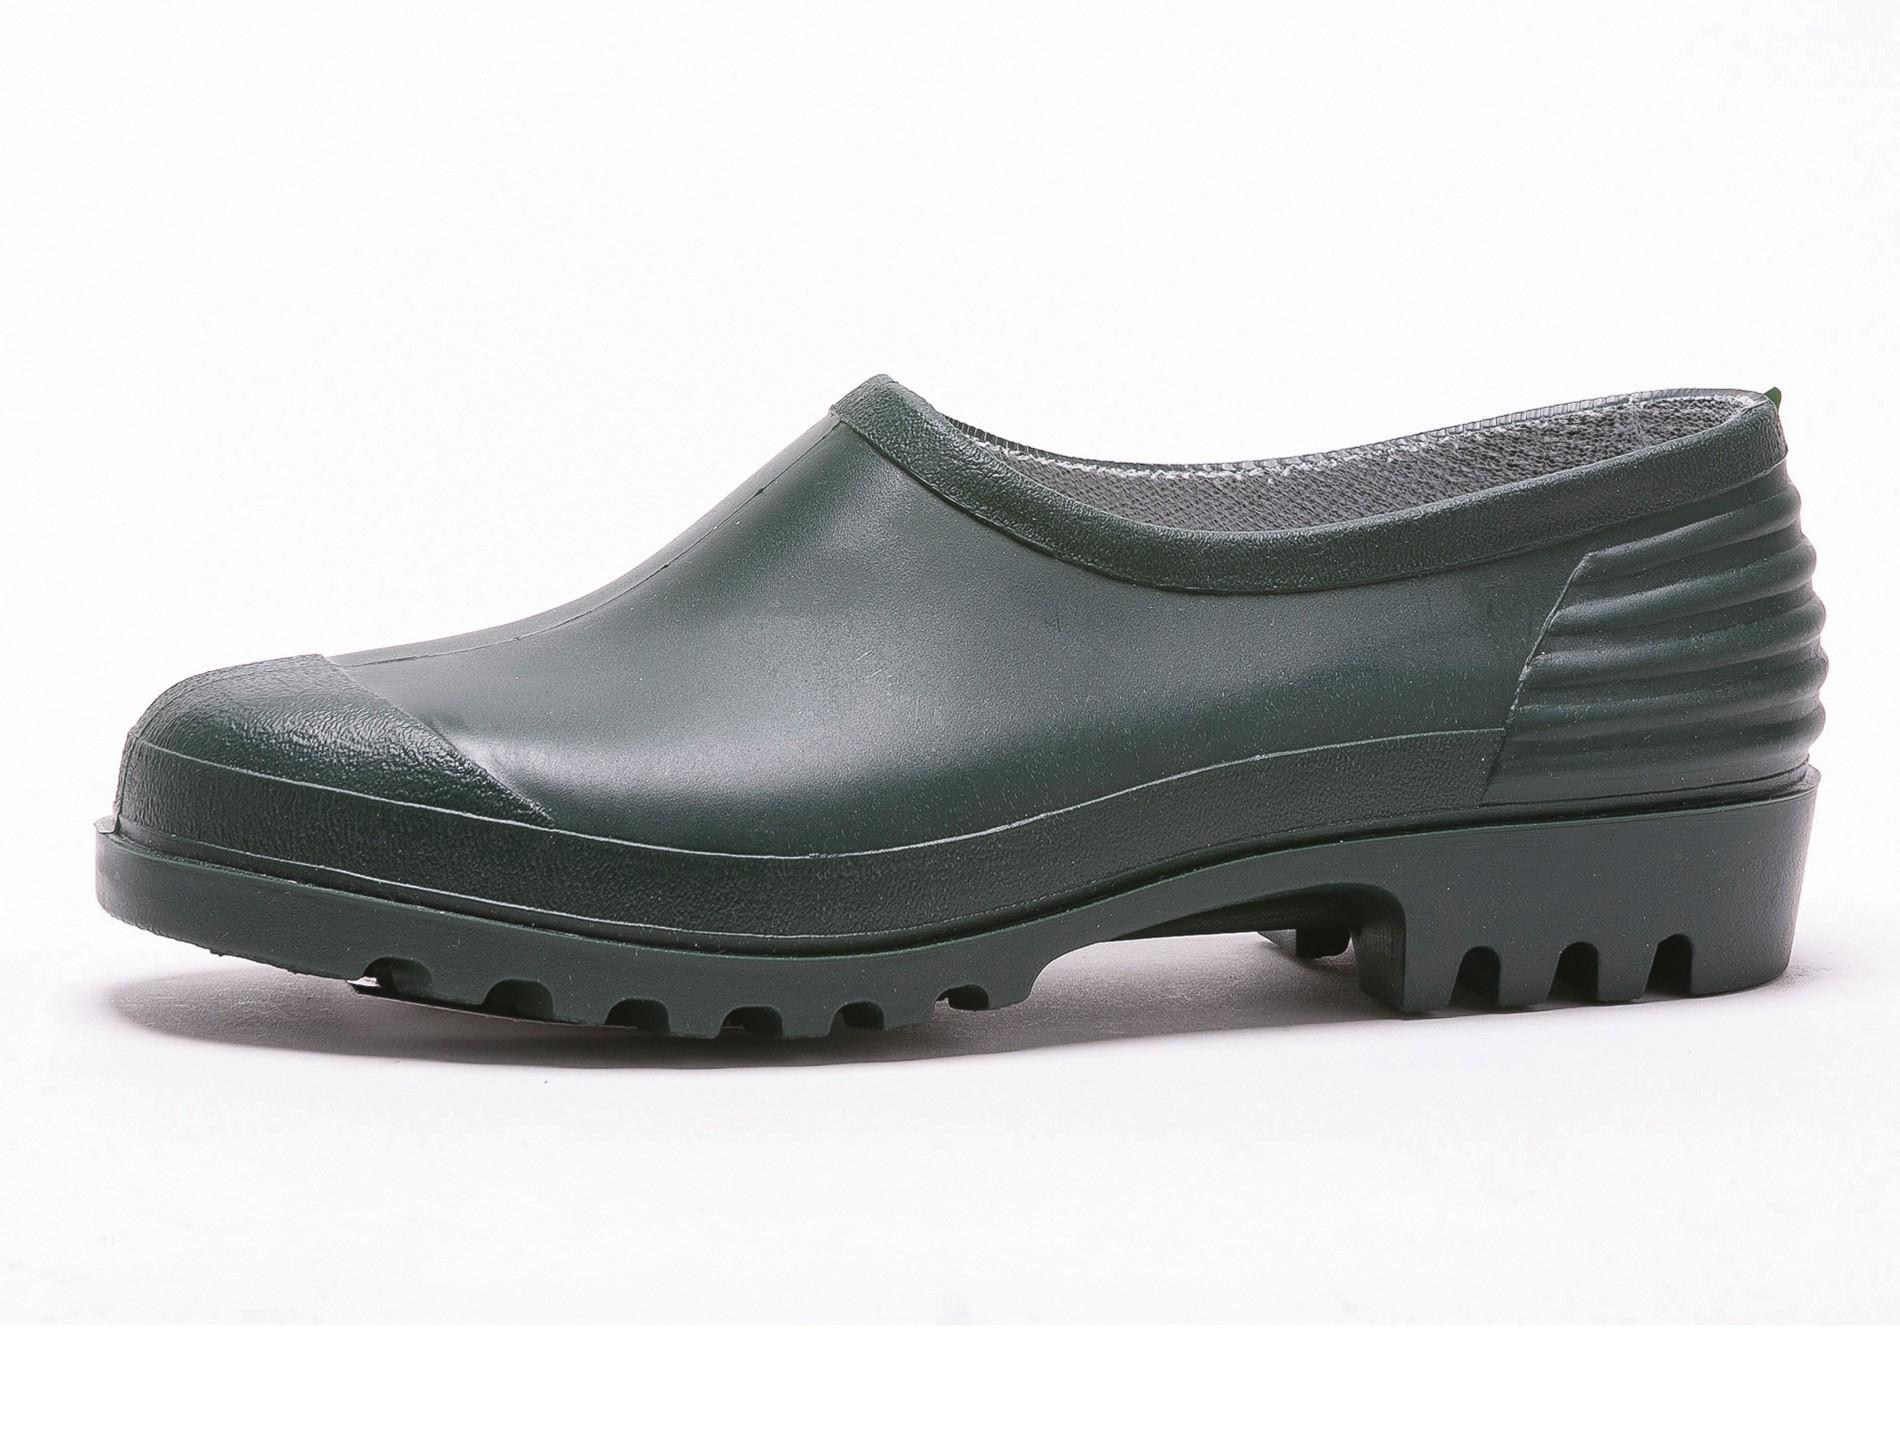 Sabots De Jardin Baudou Vert à Chaussure De Jardin